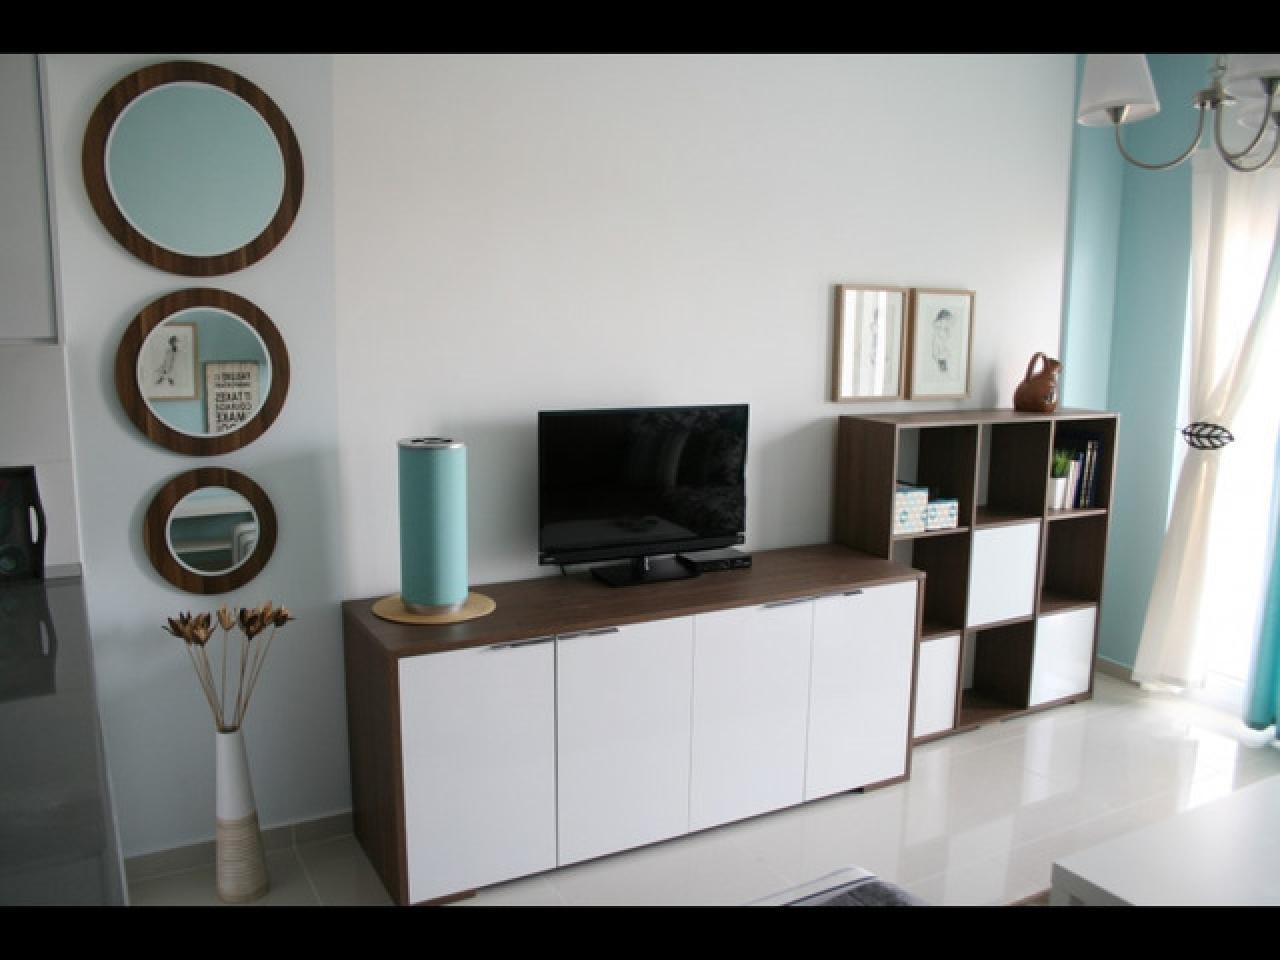 Квартира (апартамент) в Фамагусте. Продажа - 3